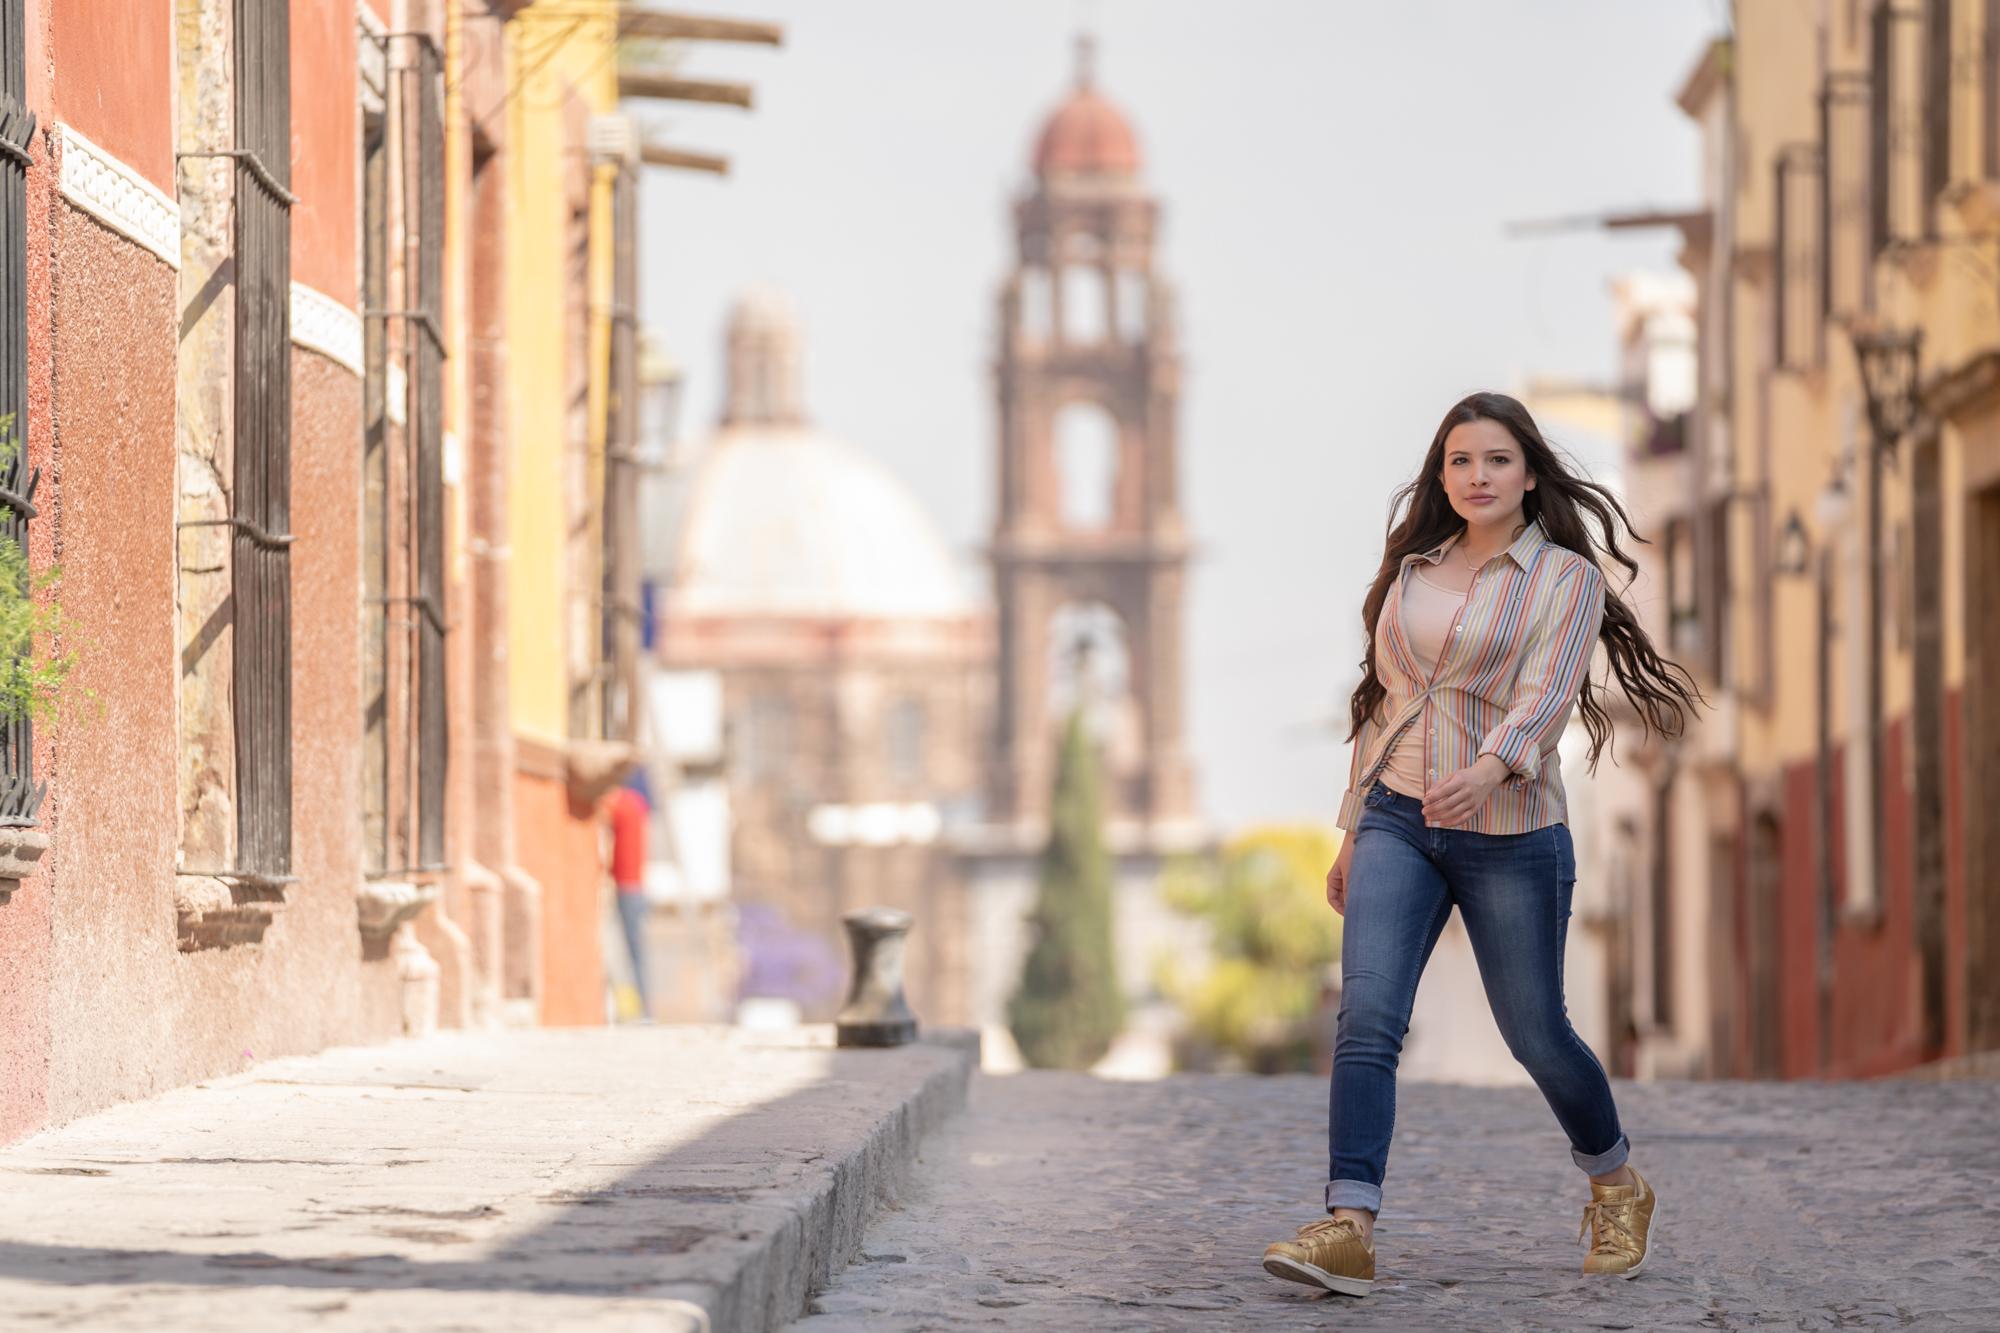 Sesion de Fotos en San Miguel de Allende con Rogelio y su Fmailia-31.jpg